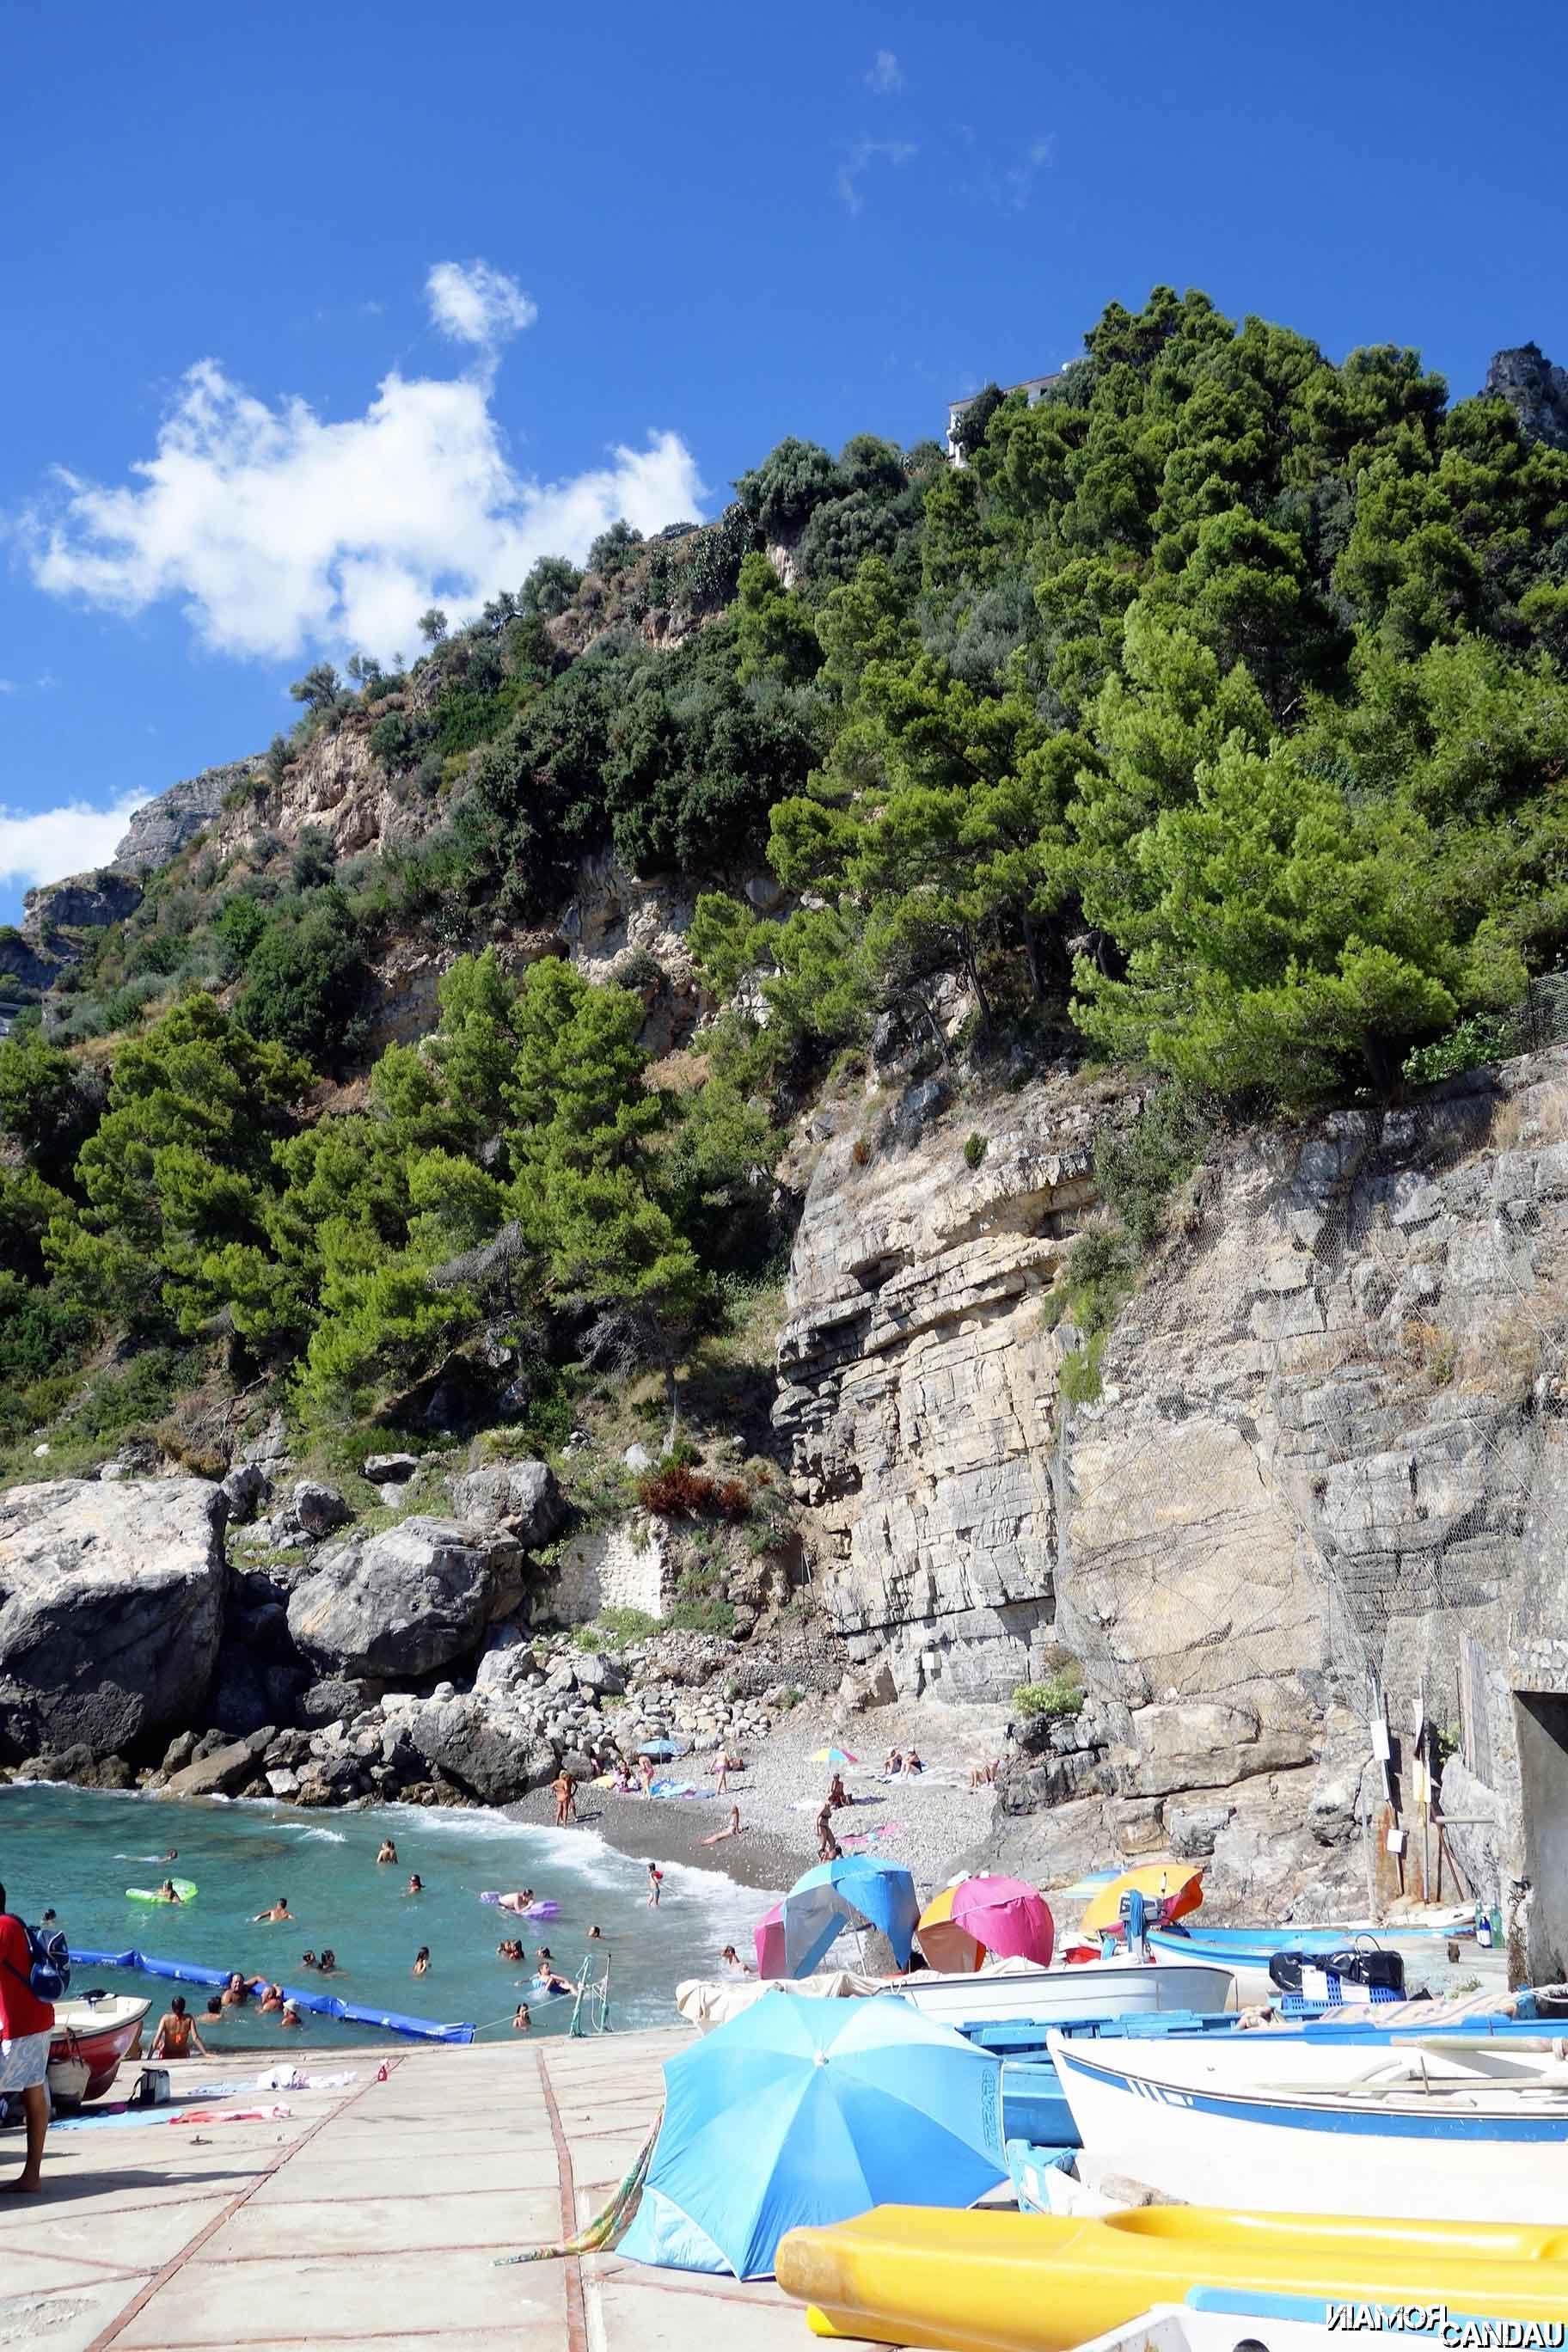 Gavitella beach, Praiano